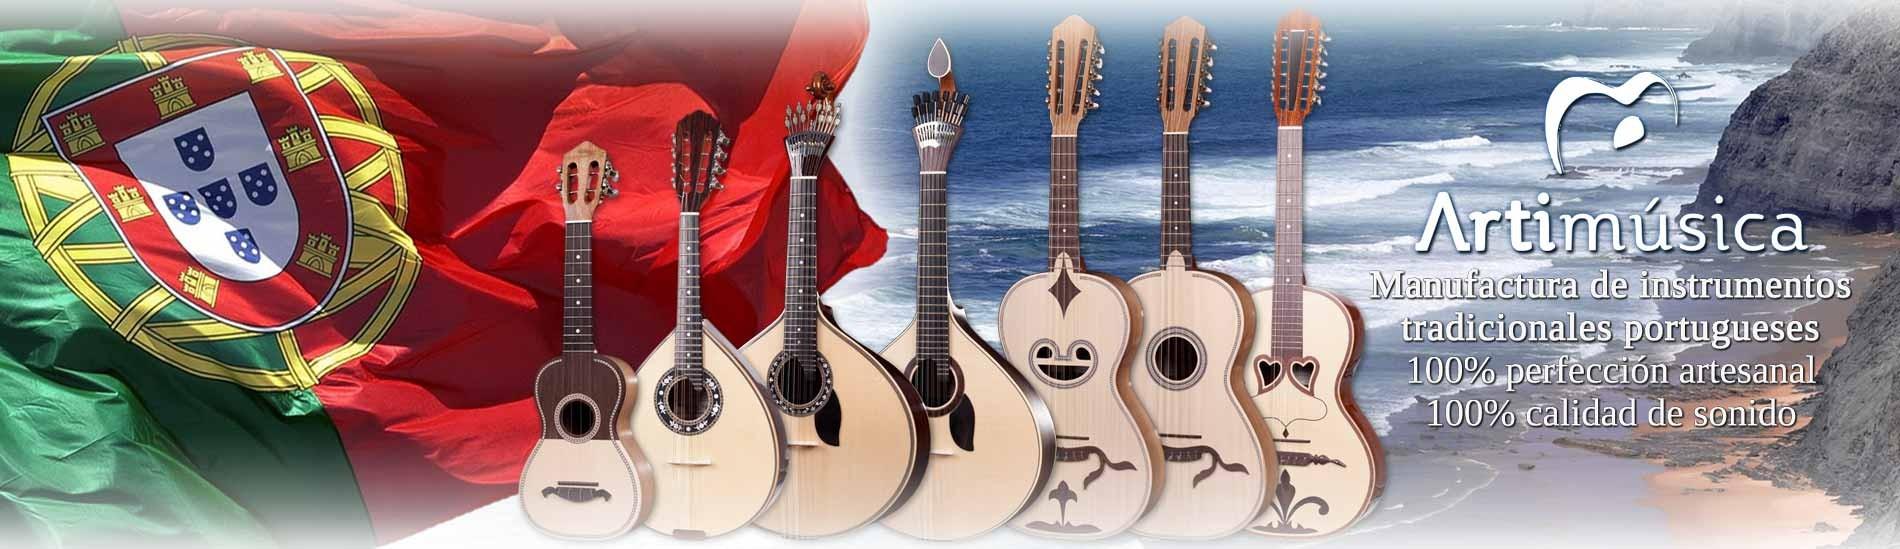 Artimúsica - Manufactura de instrumentos tradicionales portugueses